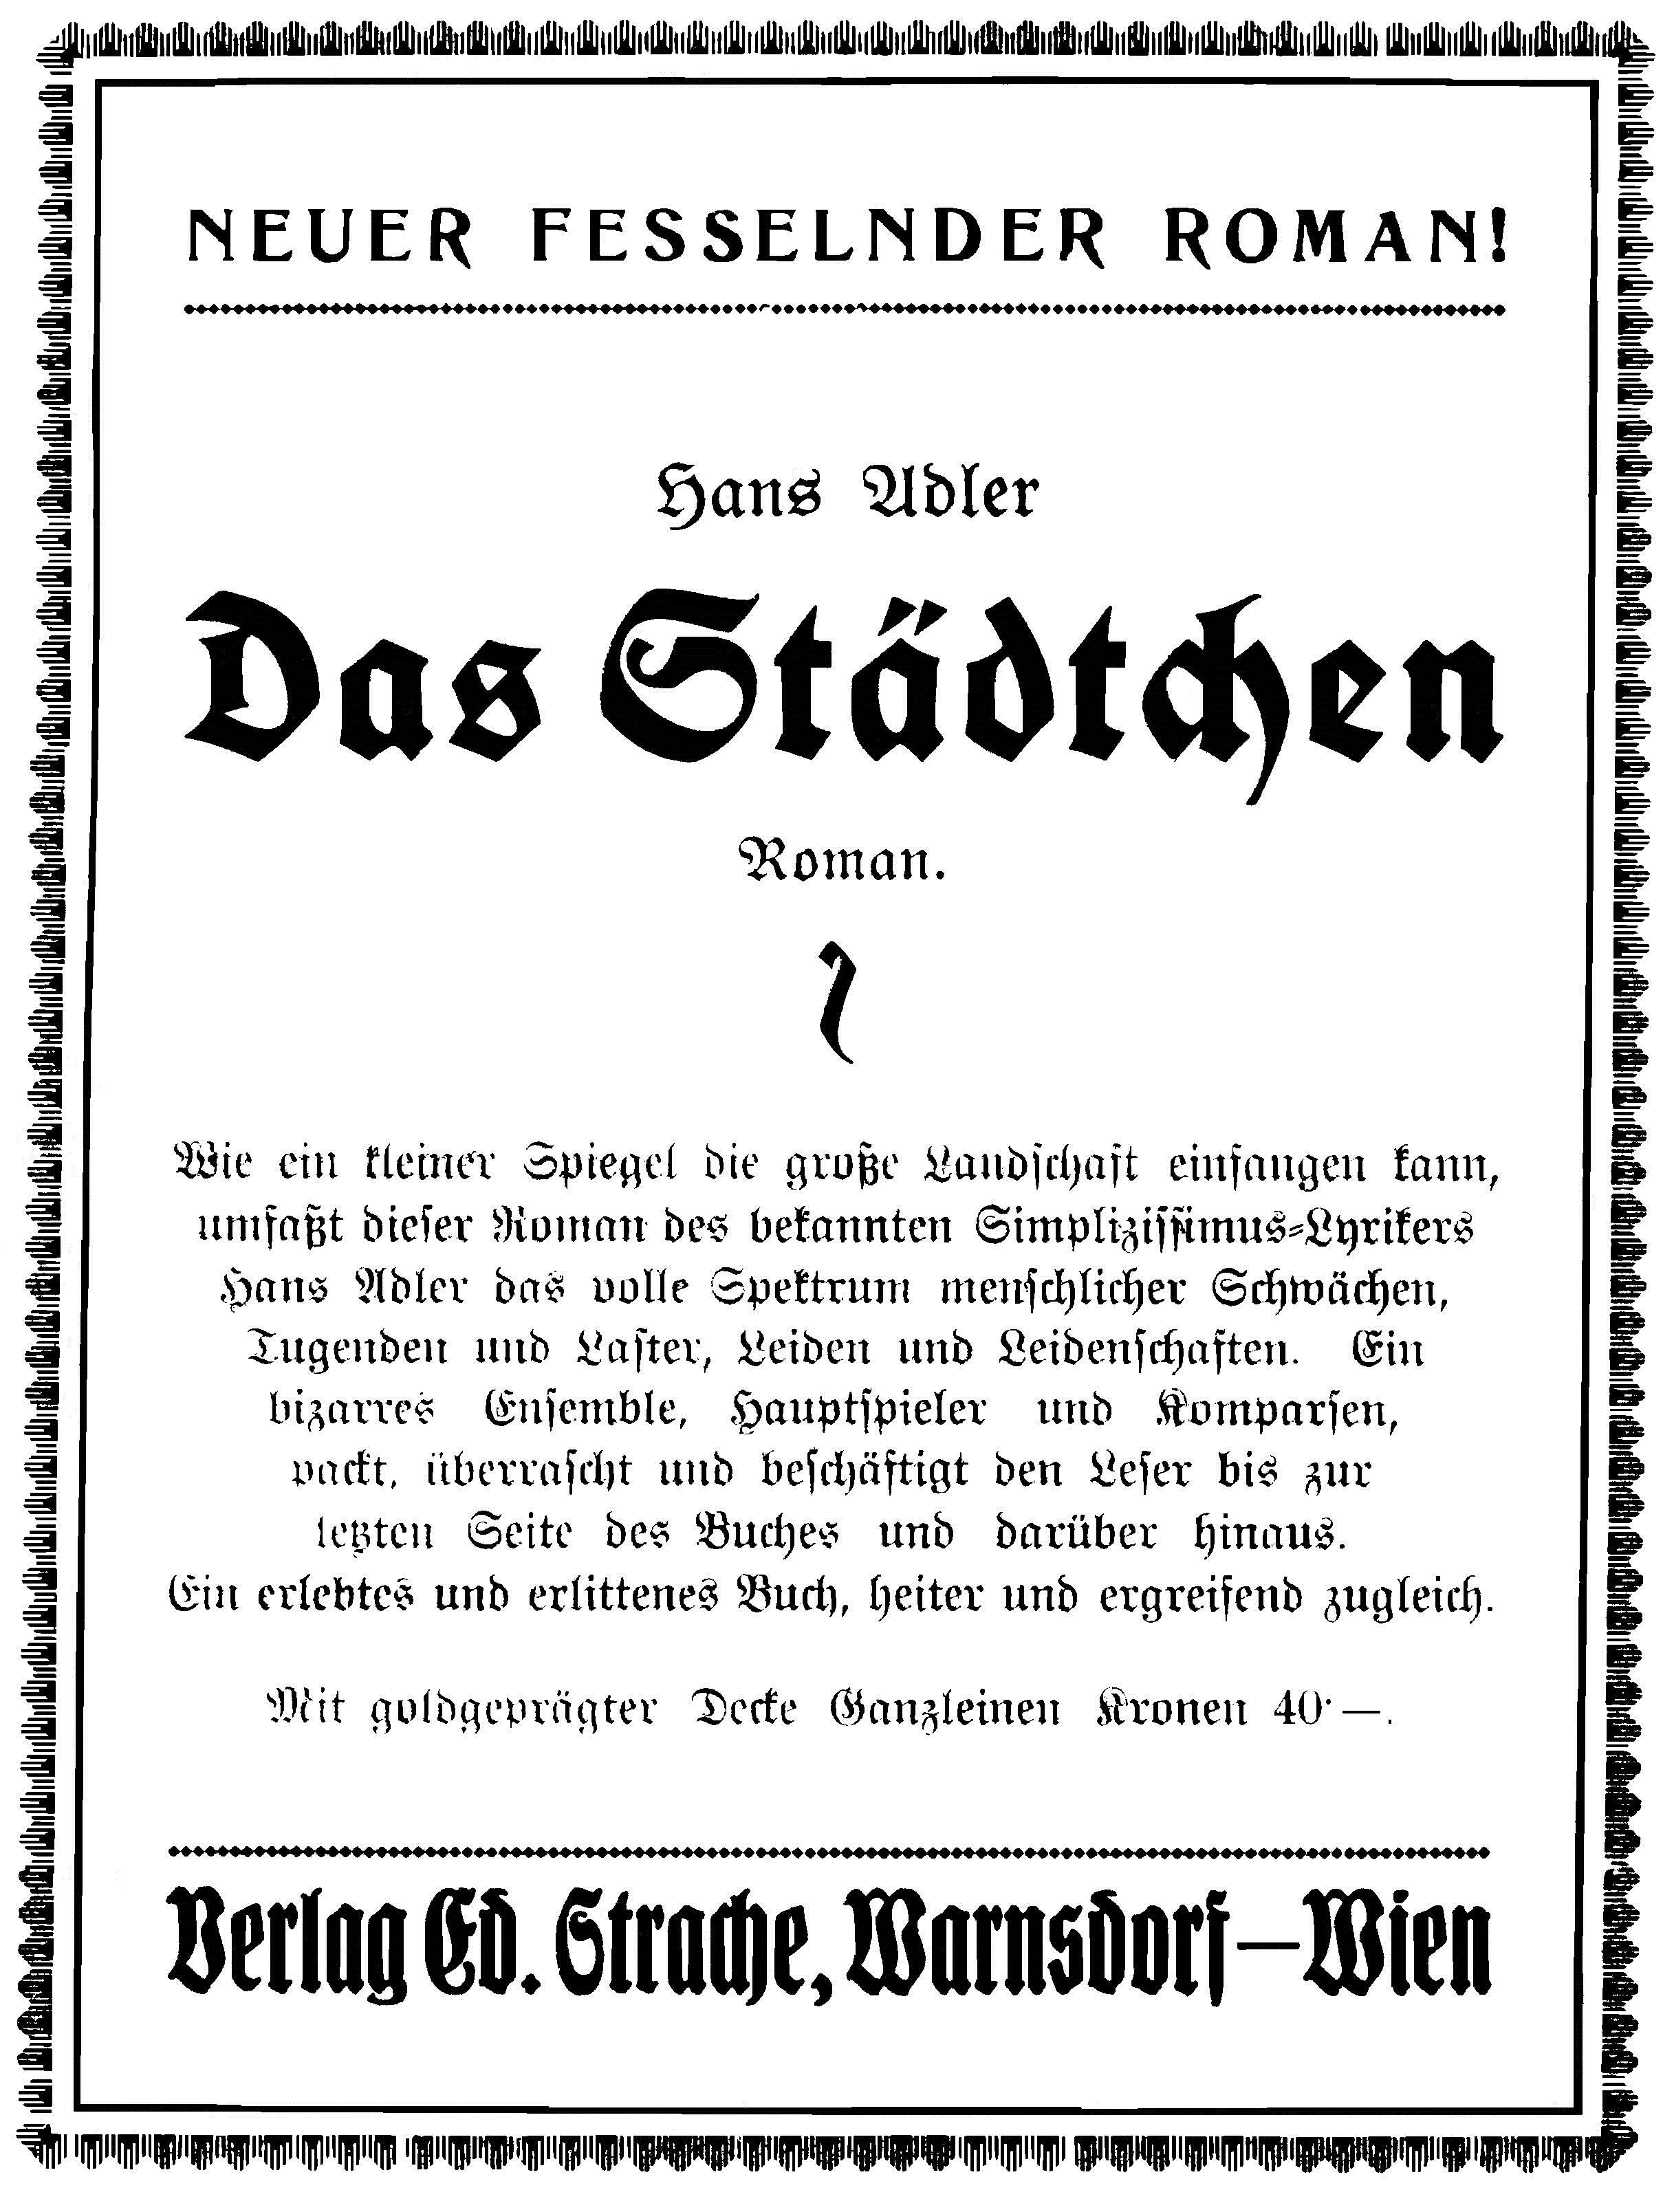 Ed. Strache Anzeige Das Städtchen